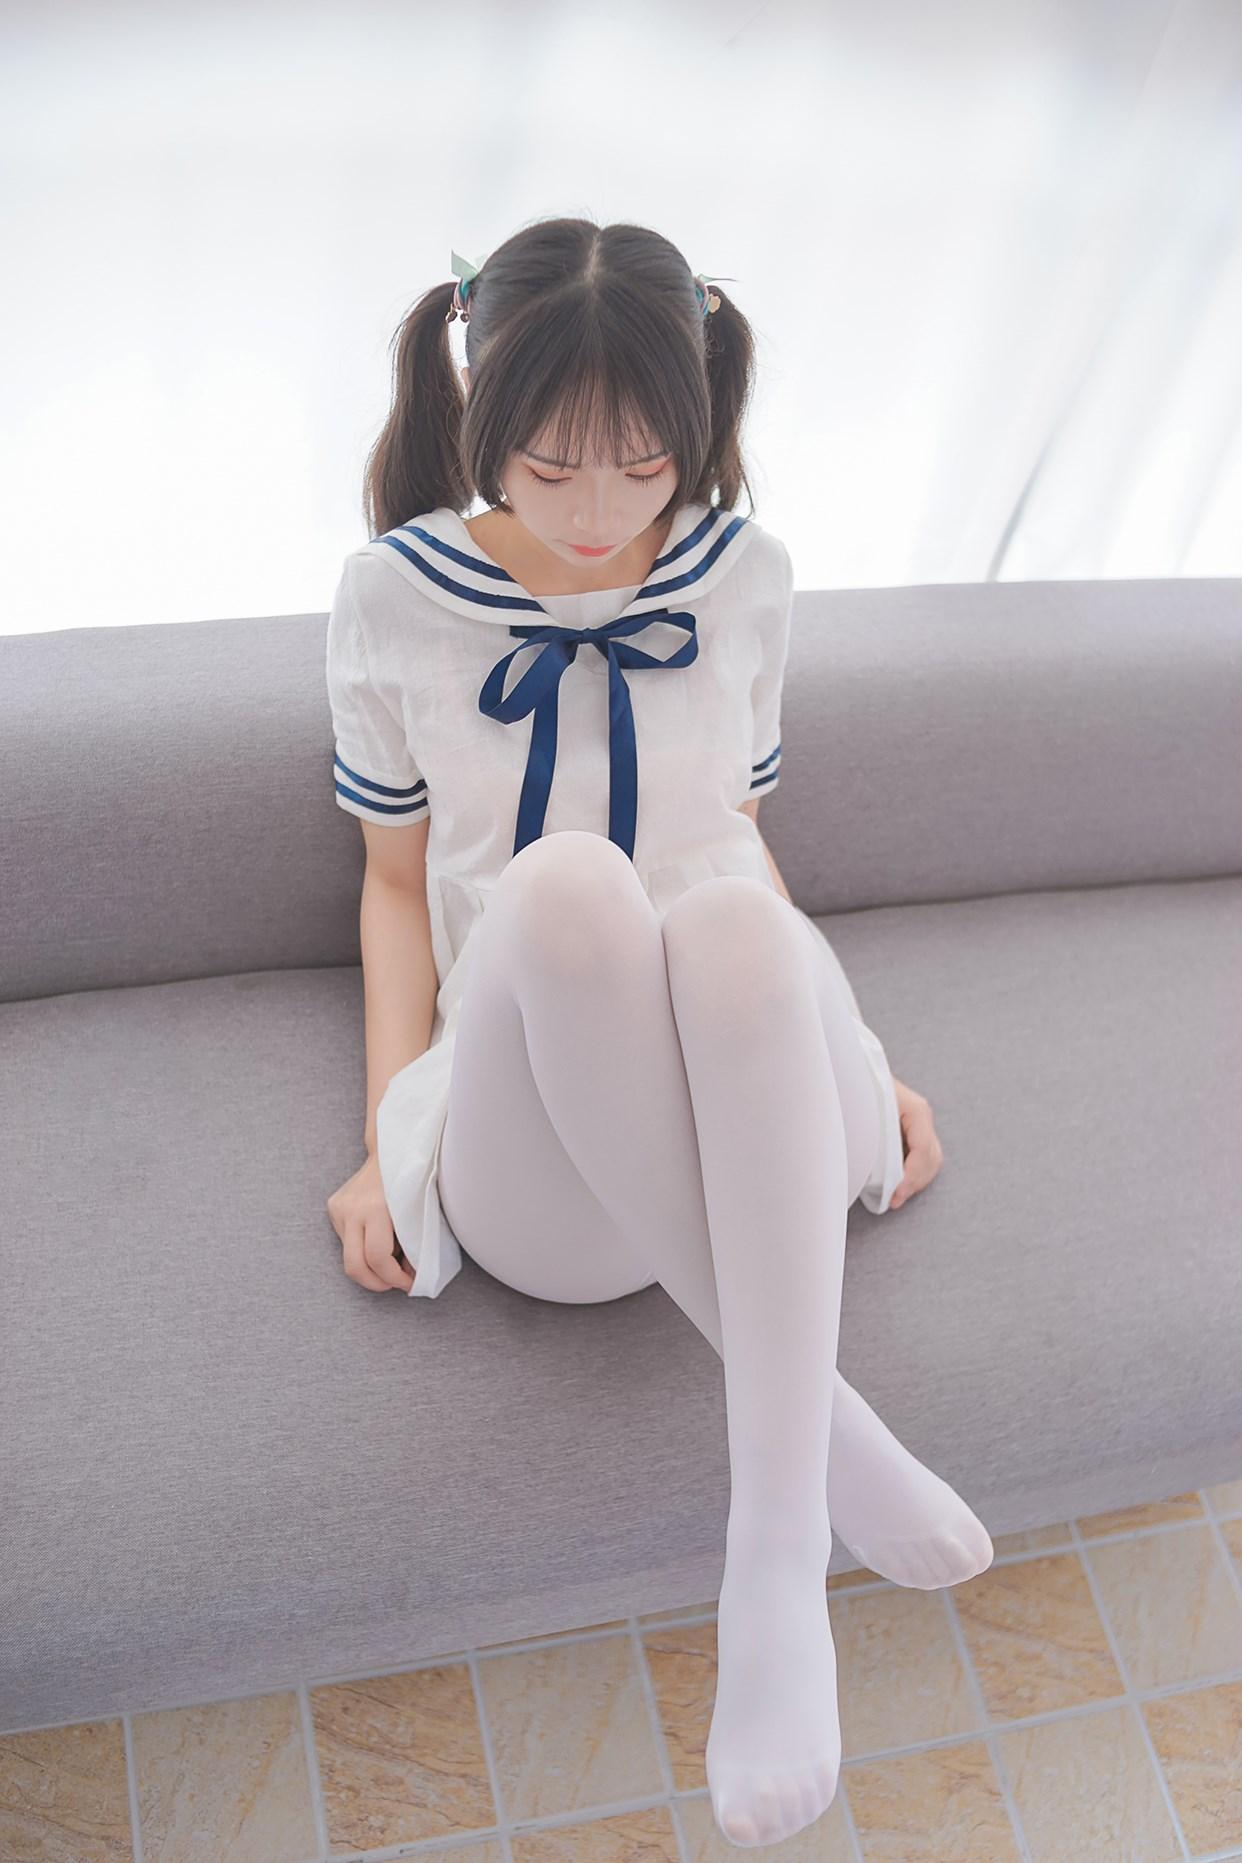 【兔玩映画】白丝喵喵 兔玩映画 第1张